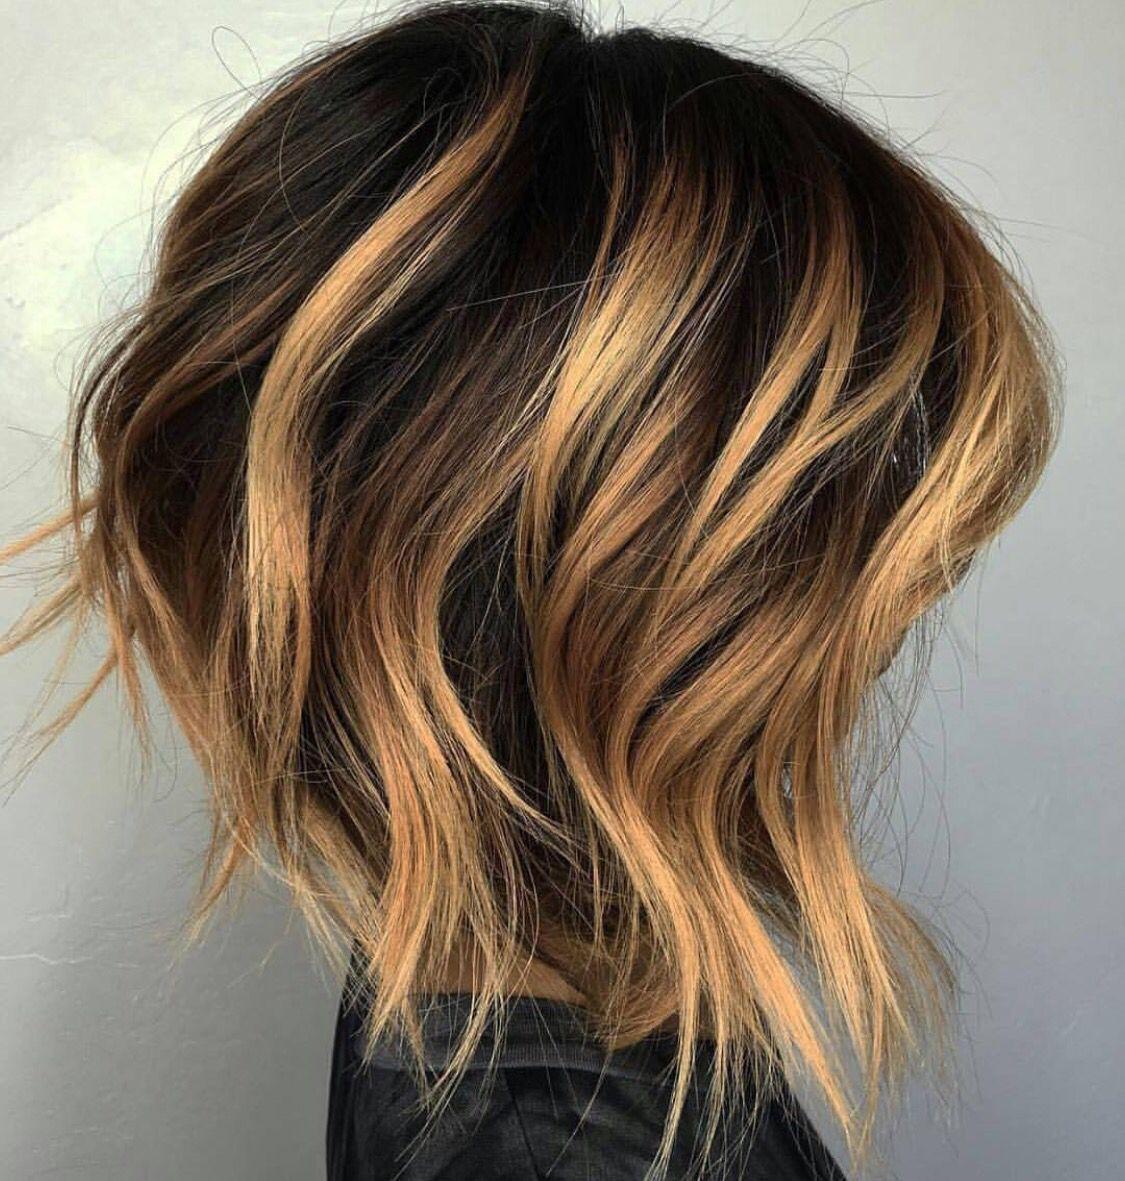 Kort haar brunette balayage haarkleuring.